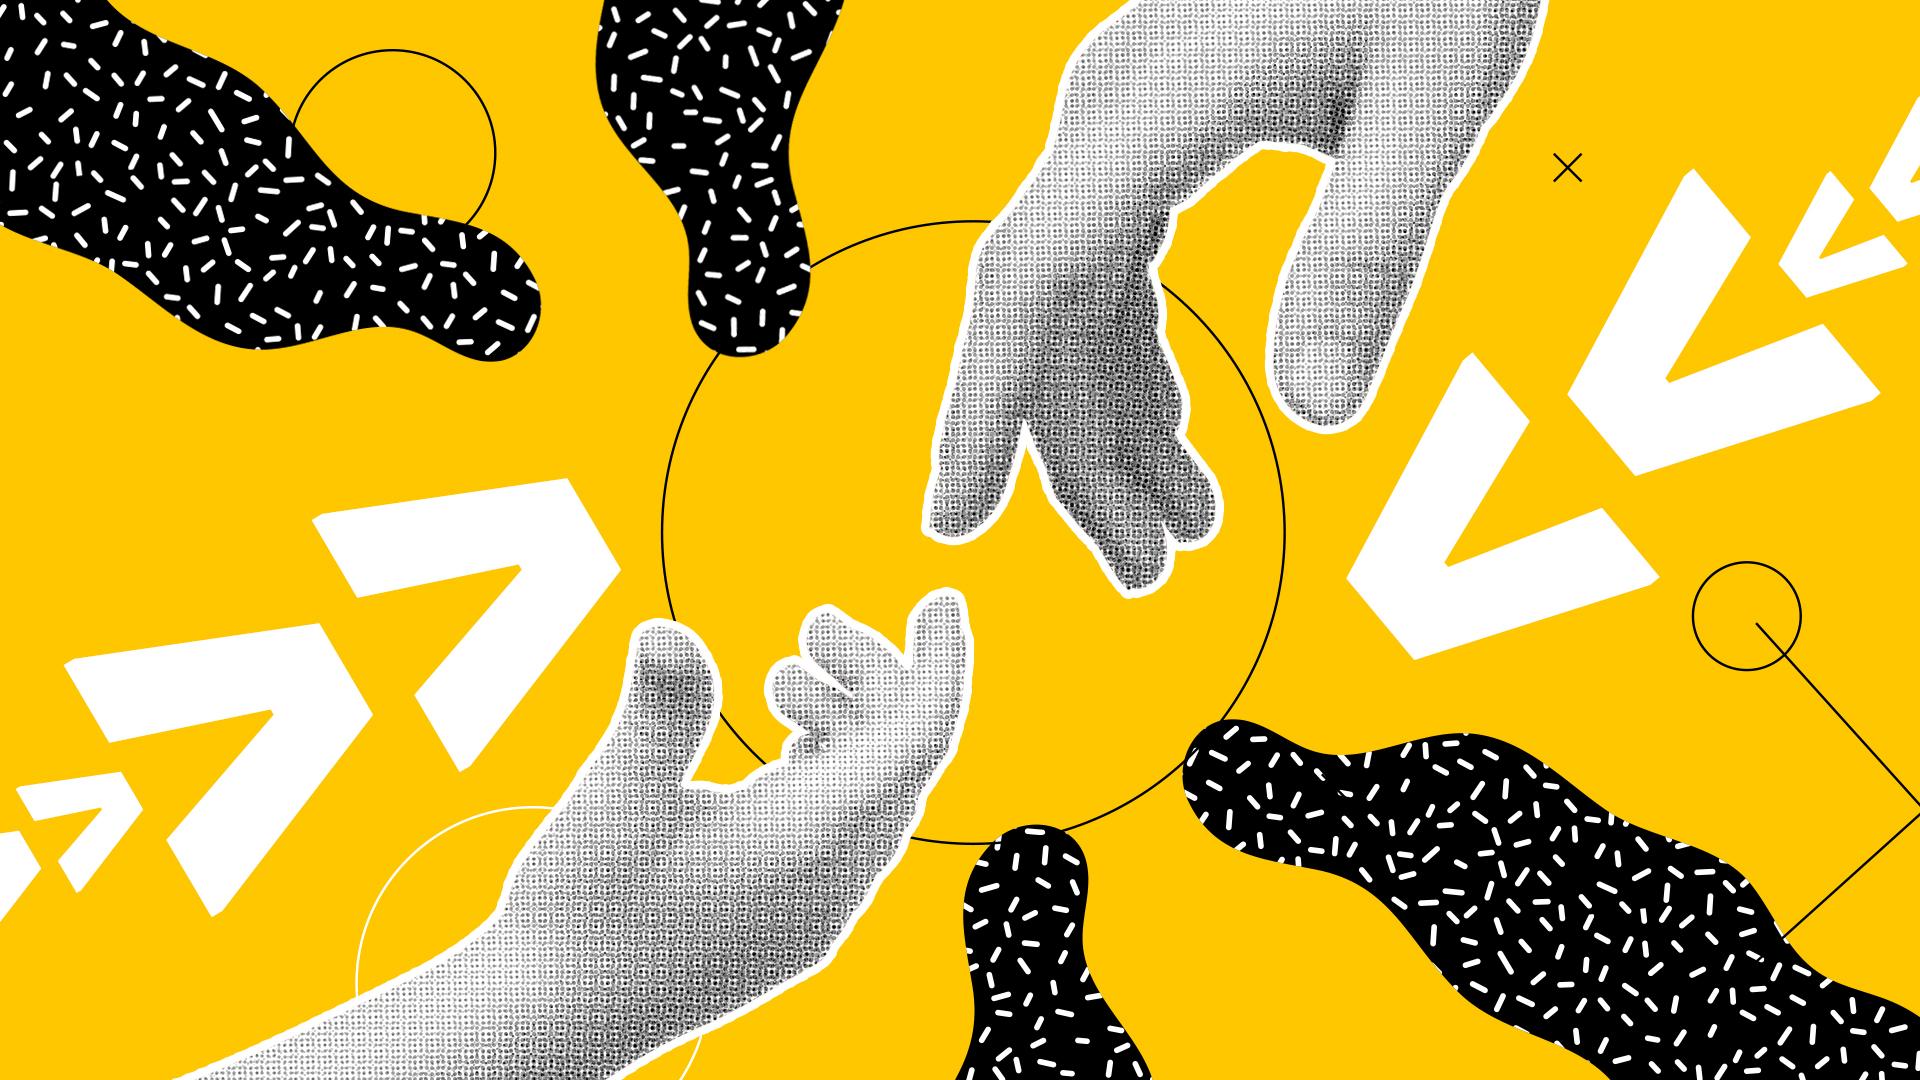 Aumentare il fatturato: 9 modi per chiudere più trattative nel B2B